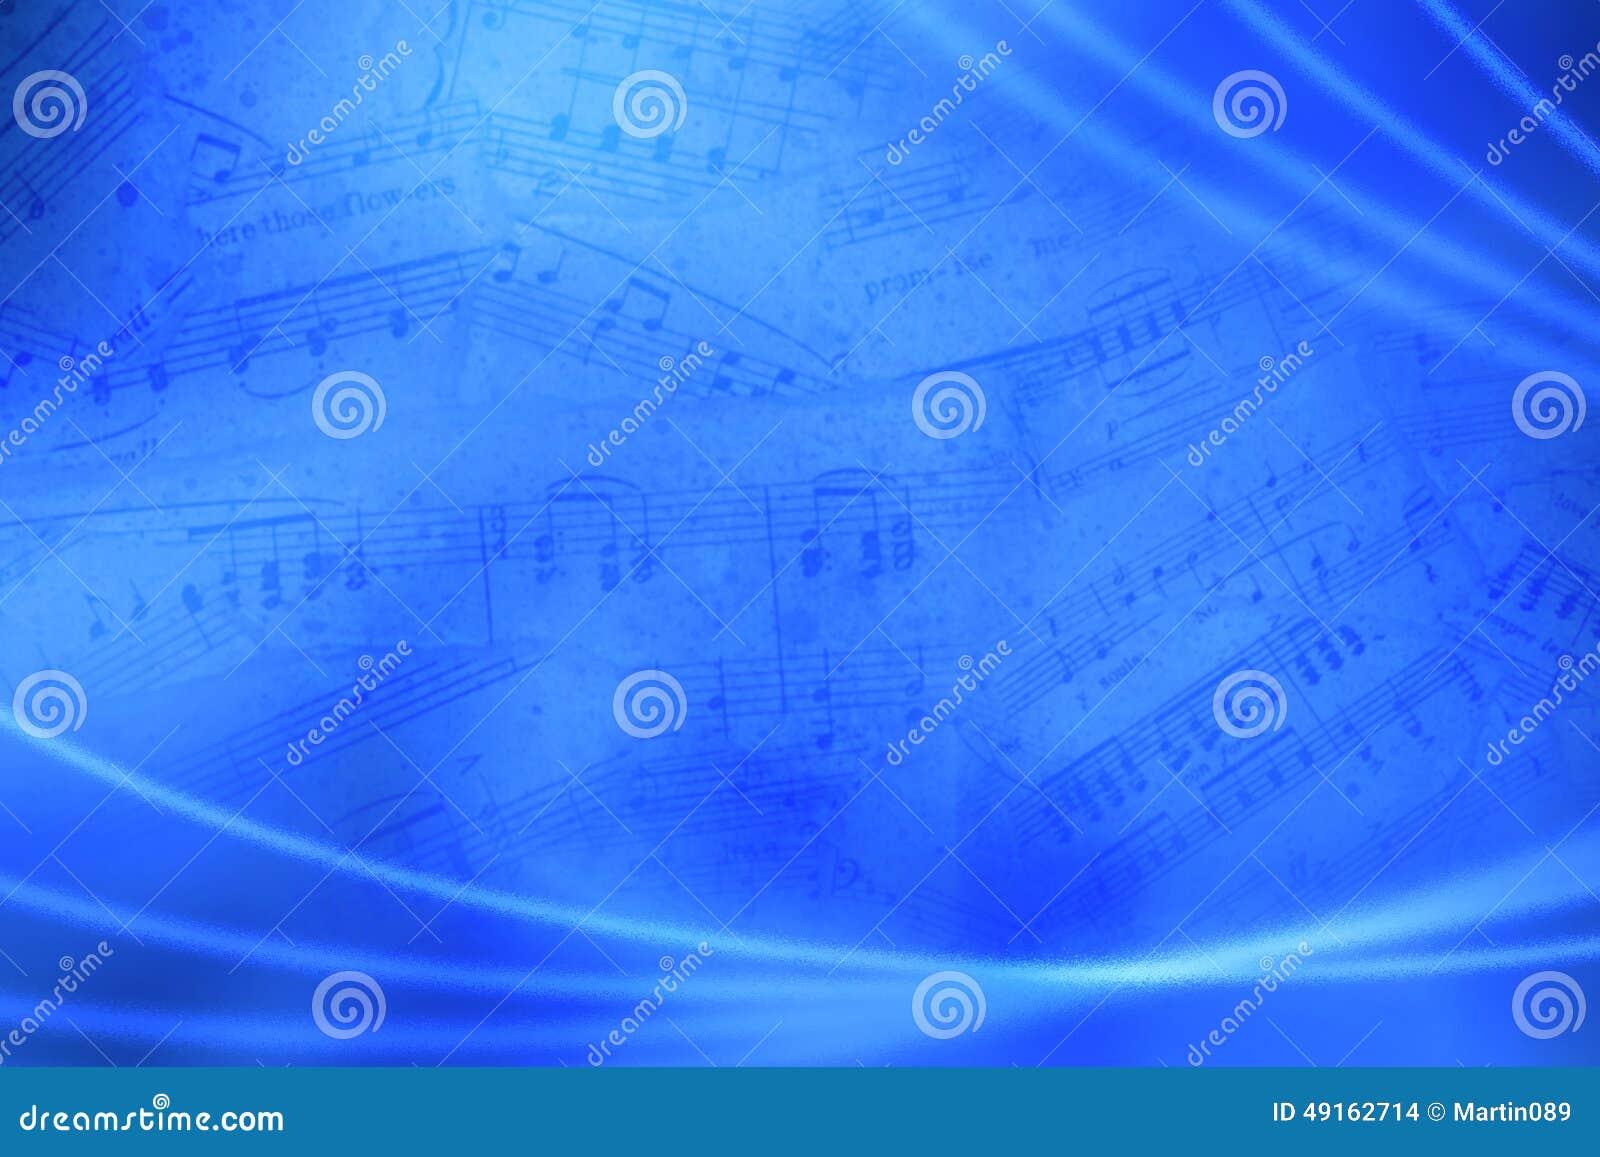 Fundo abstrato musical azul